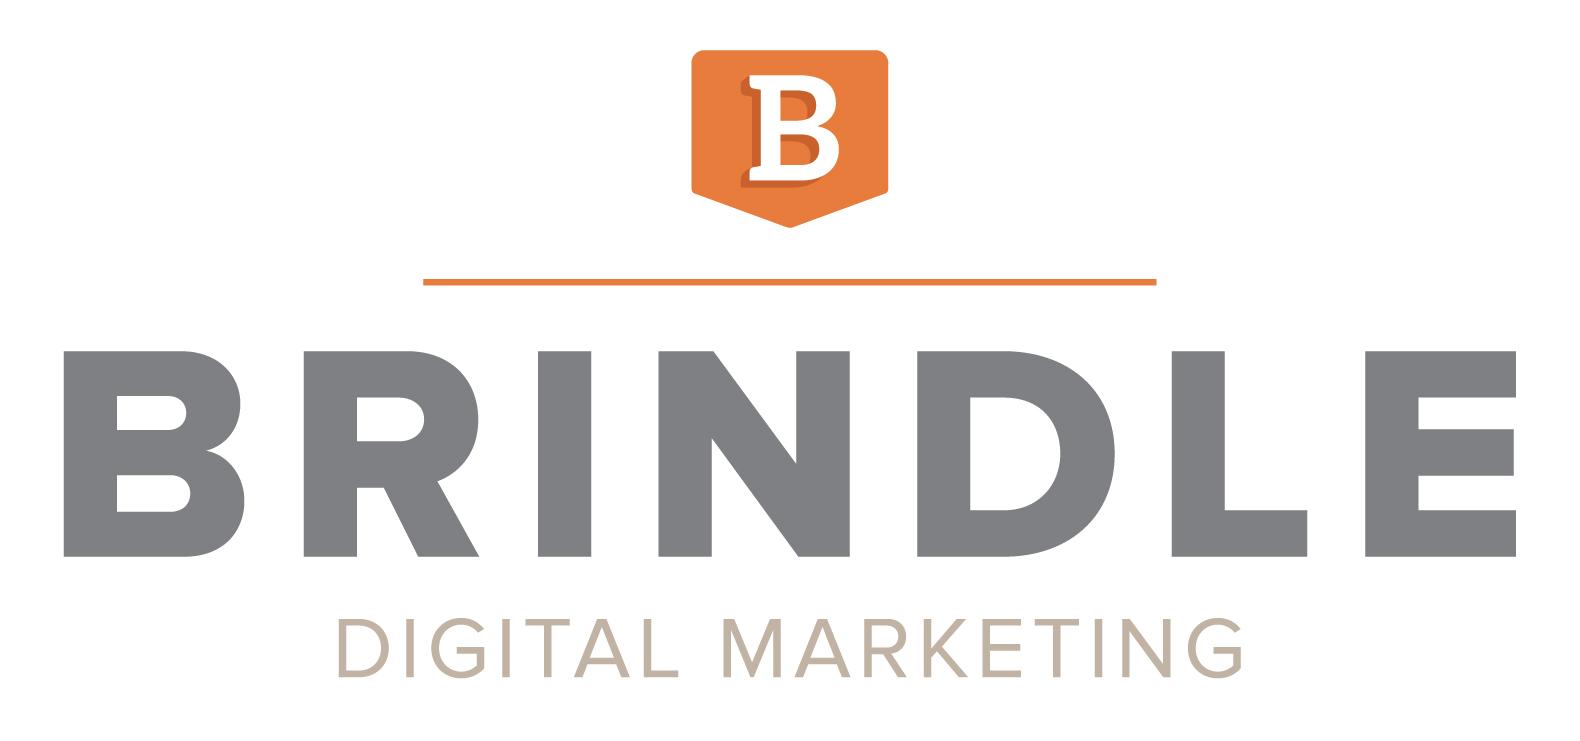 Brindle Digital Marketing Logo